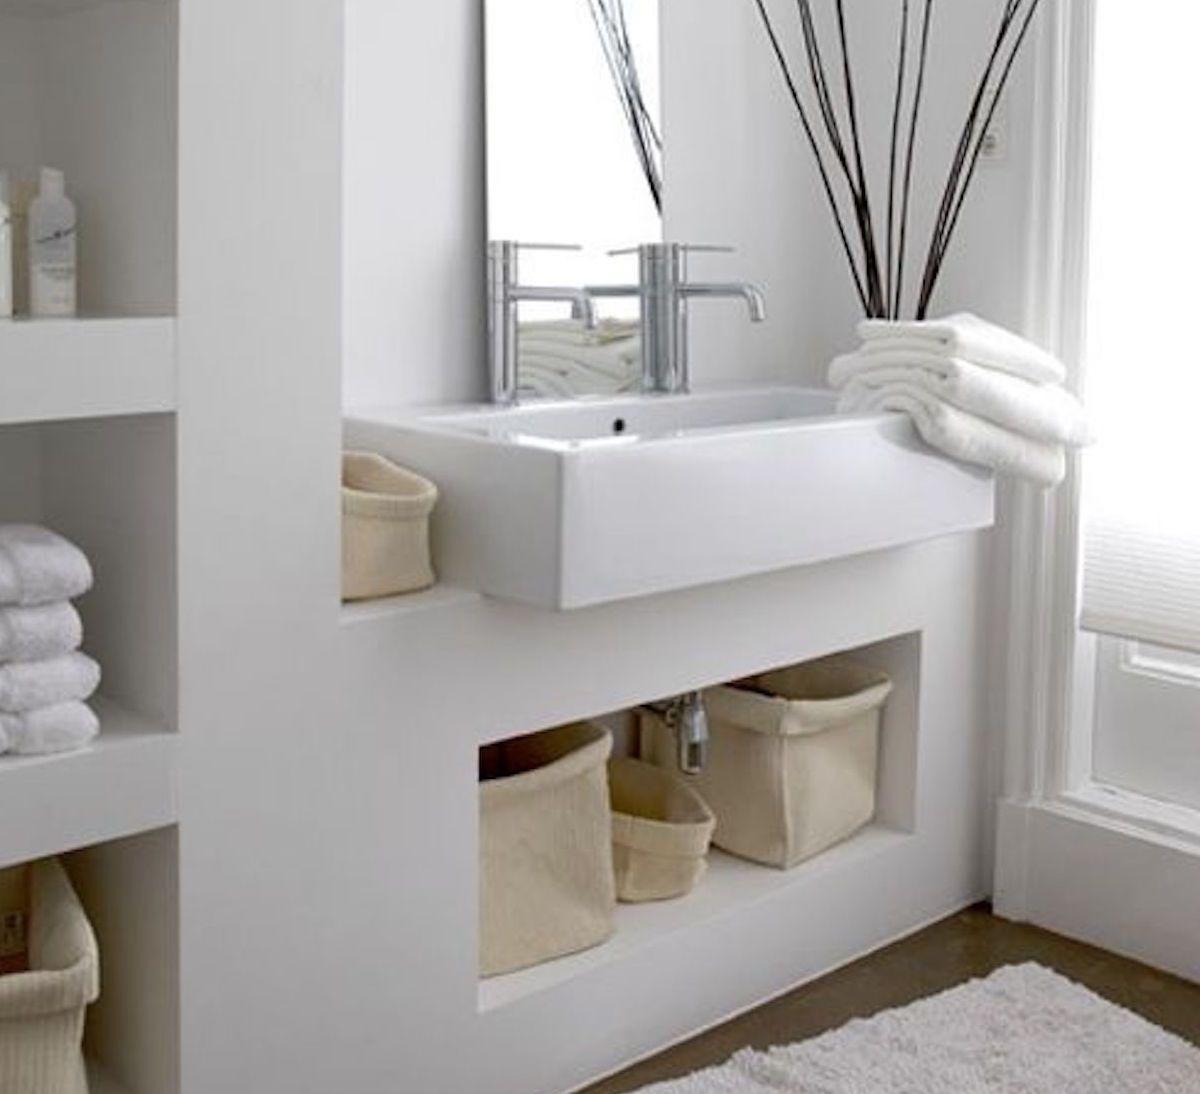 Arte de la pared en un baño blanco